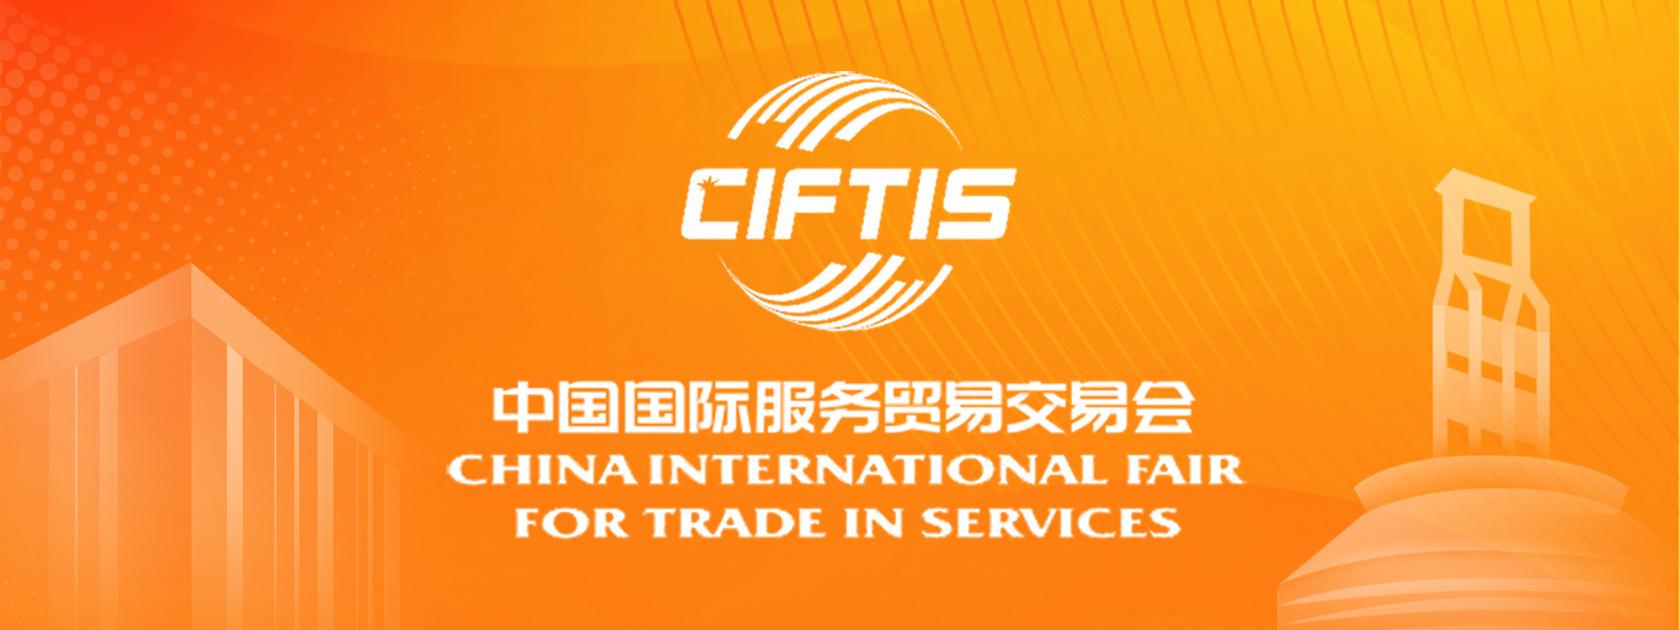 服贸会聚焦金融科技:中国数字金融将进入2.0阶段